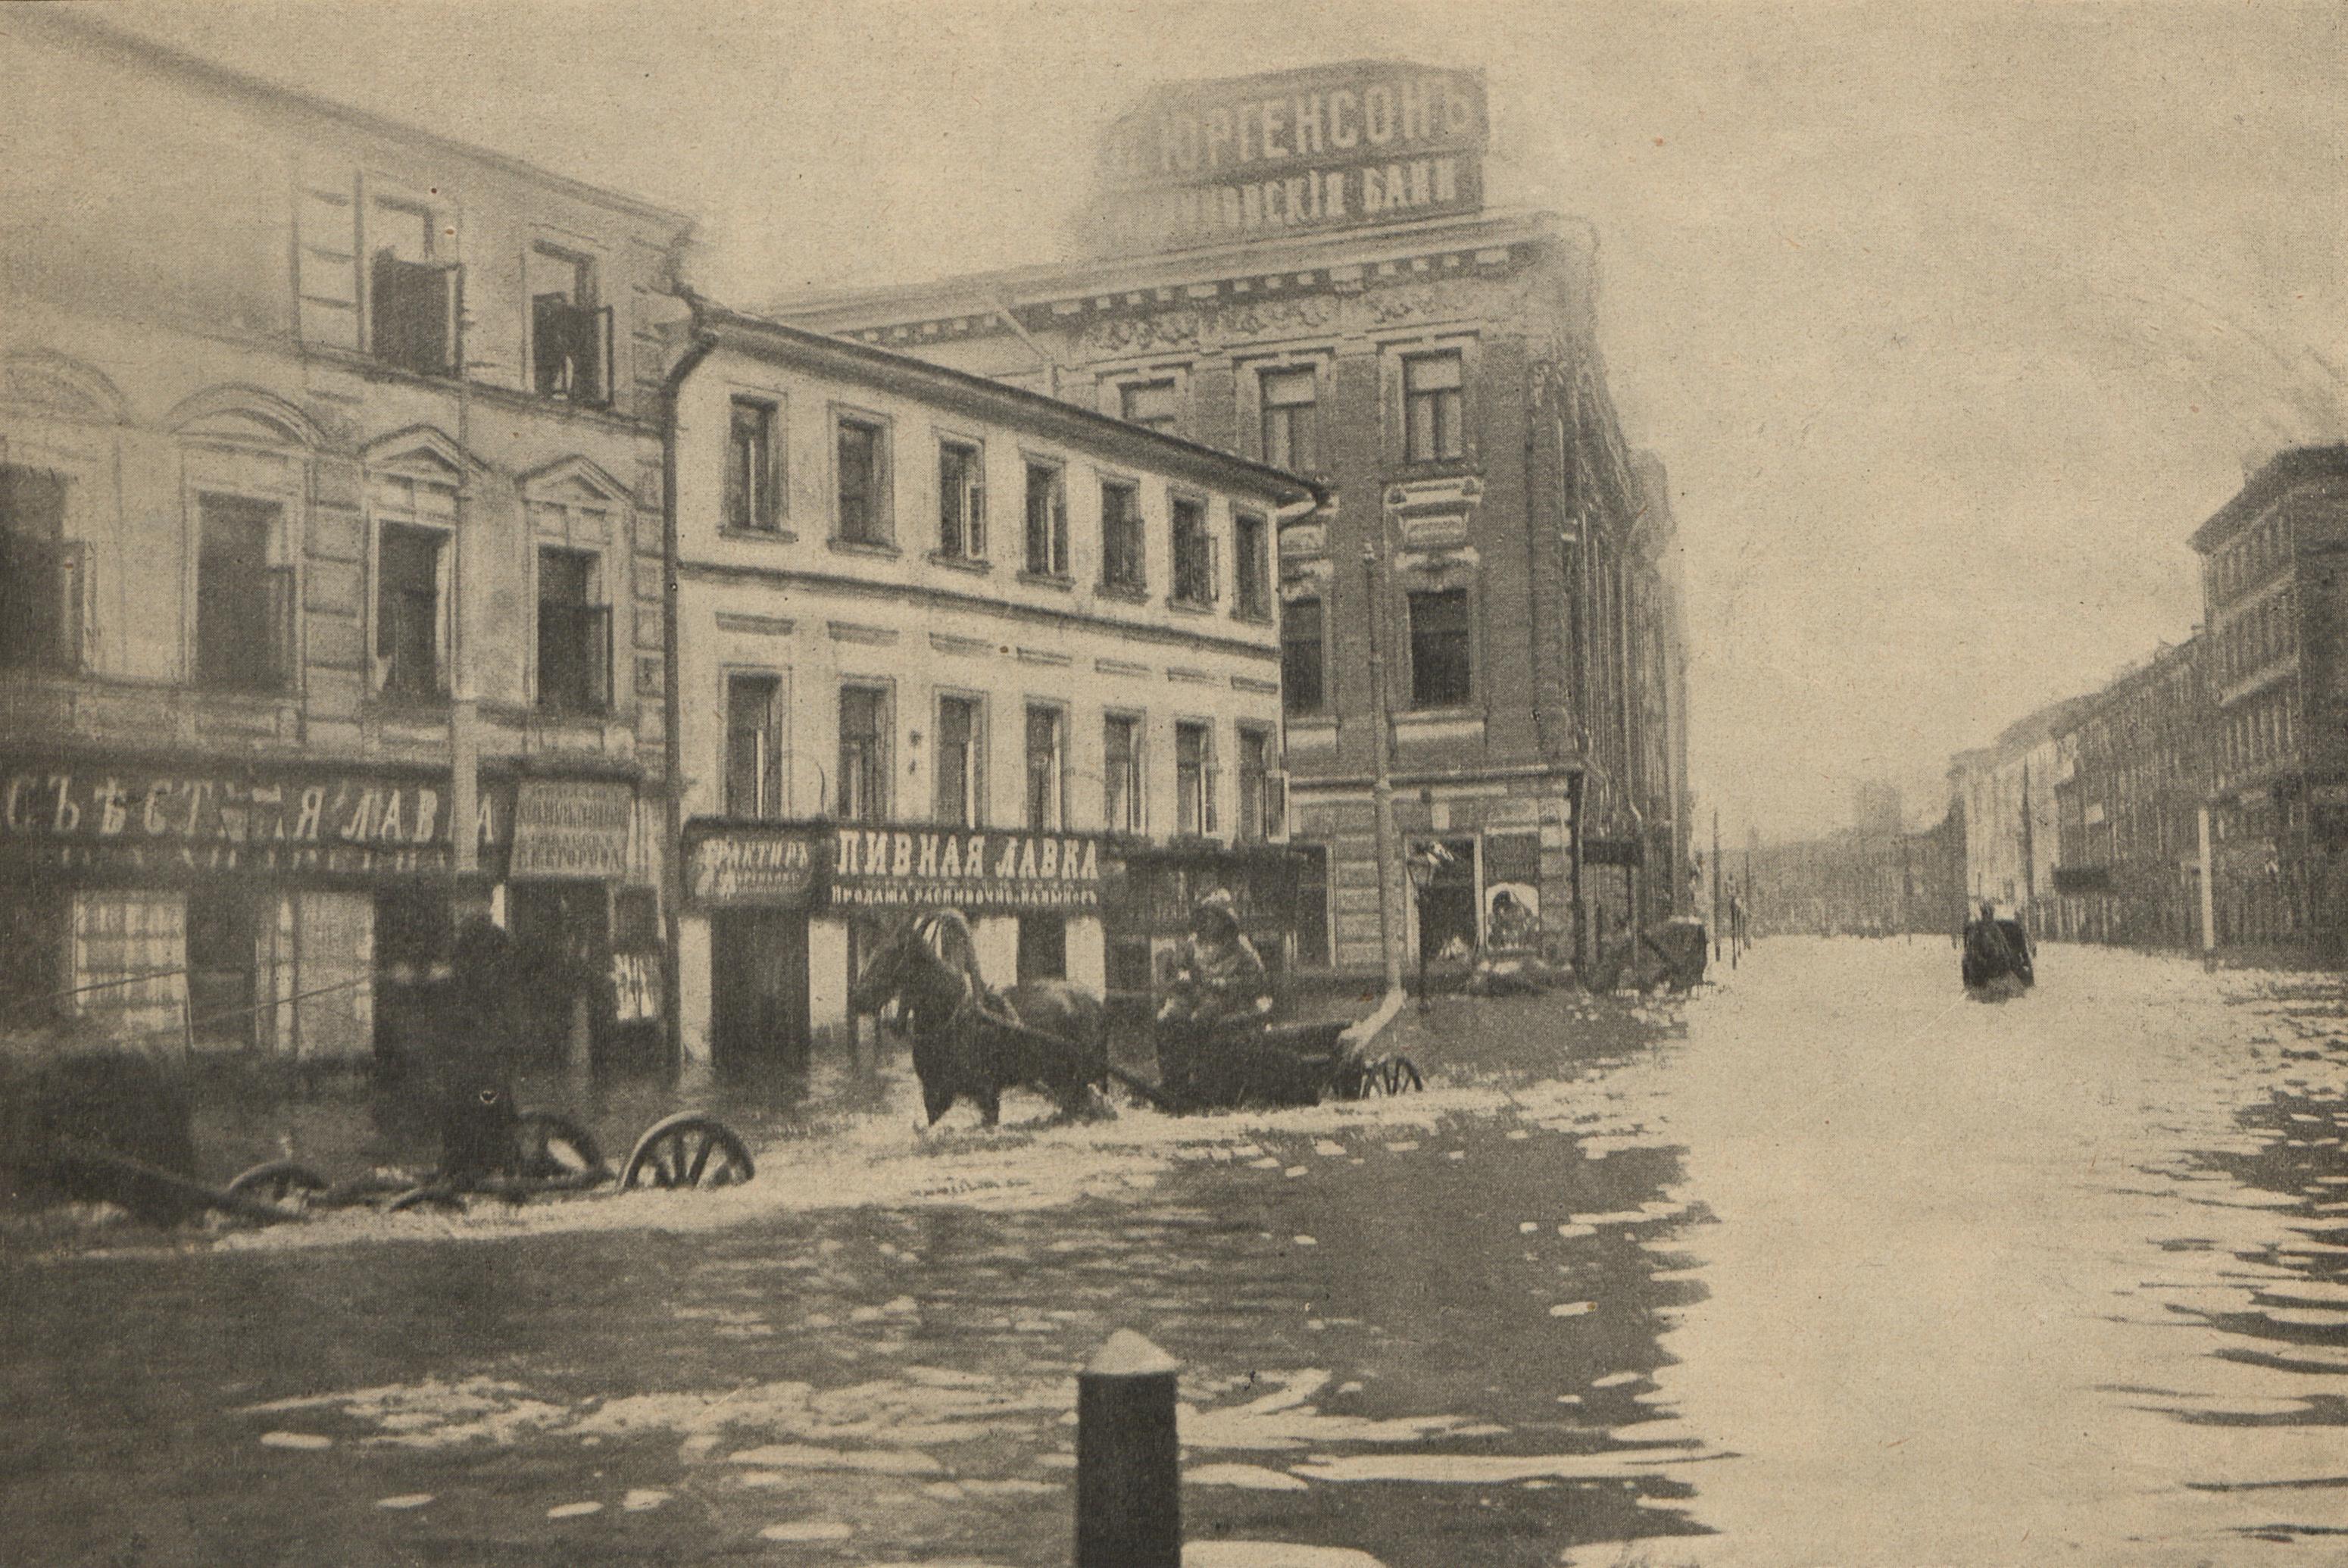 Неглинный проезд 28 мая с.г. в день ливня. 1909